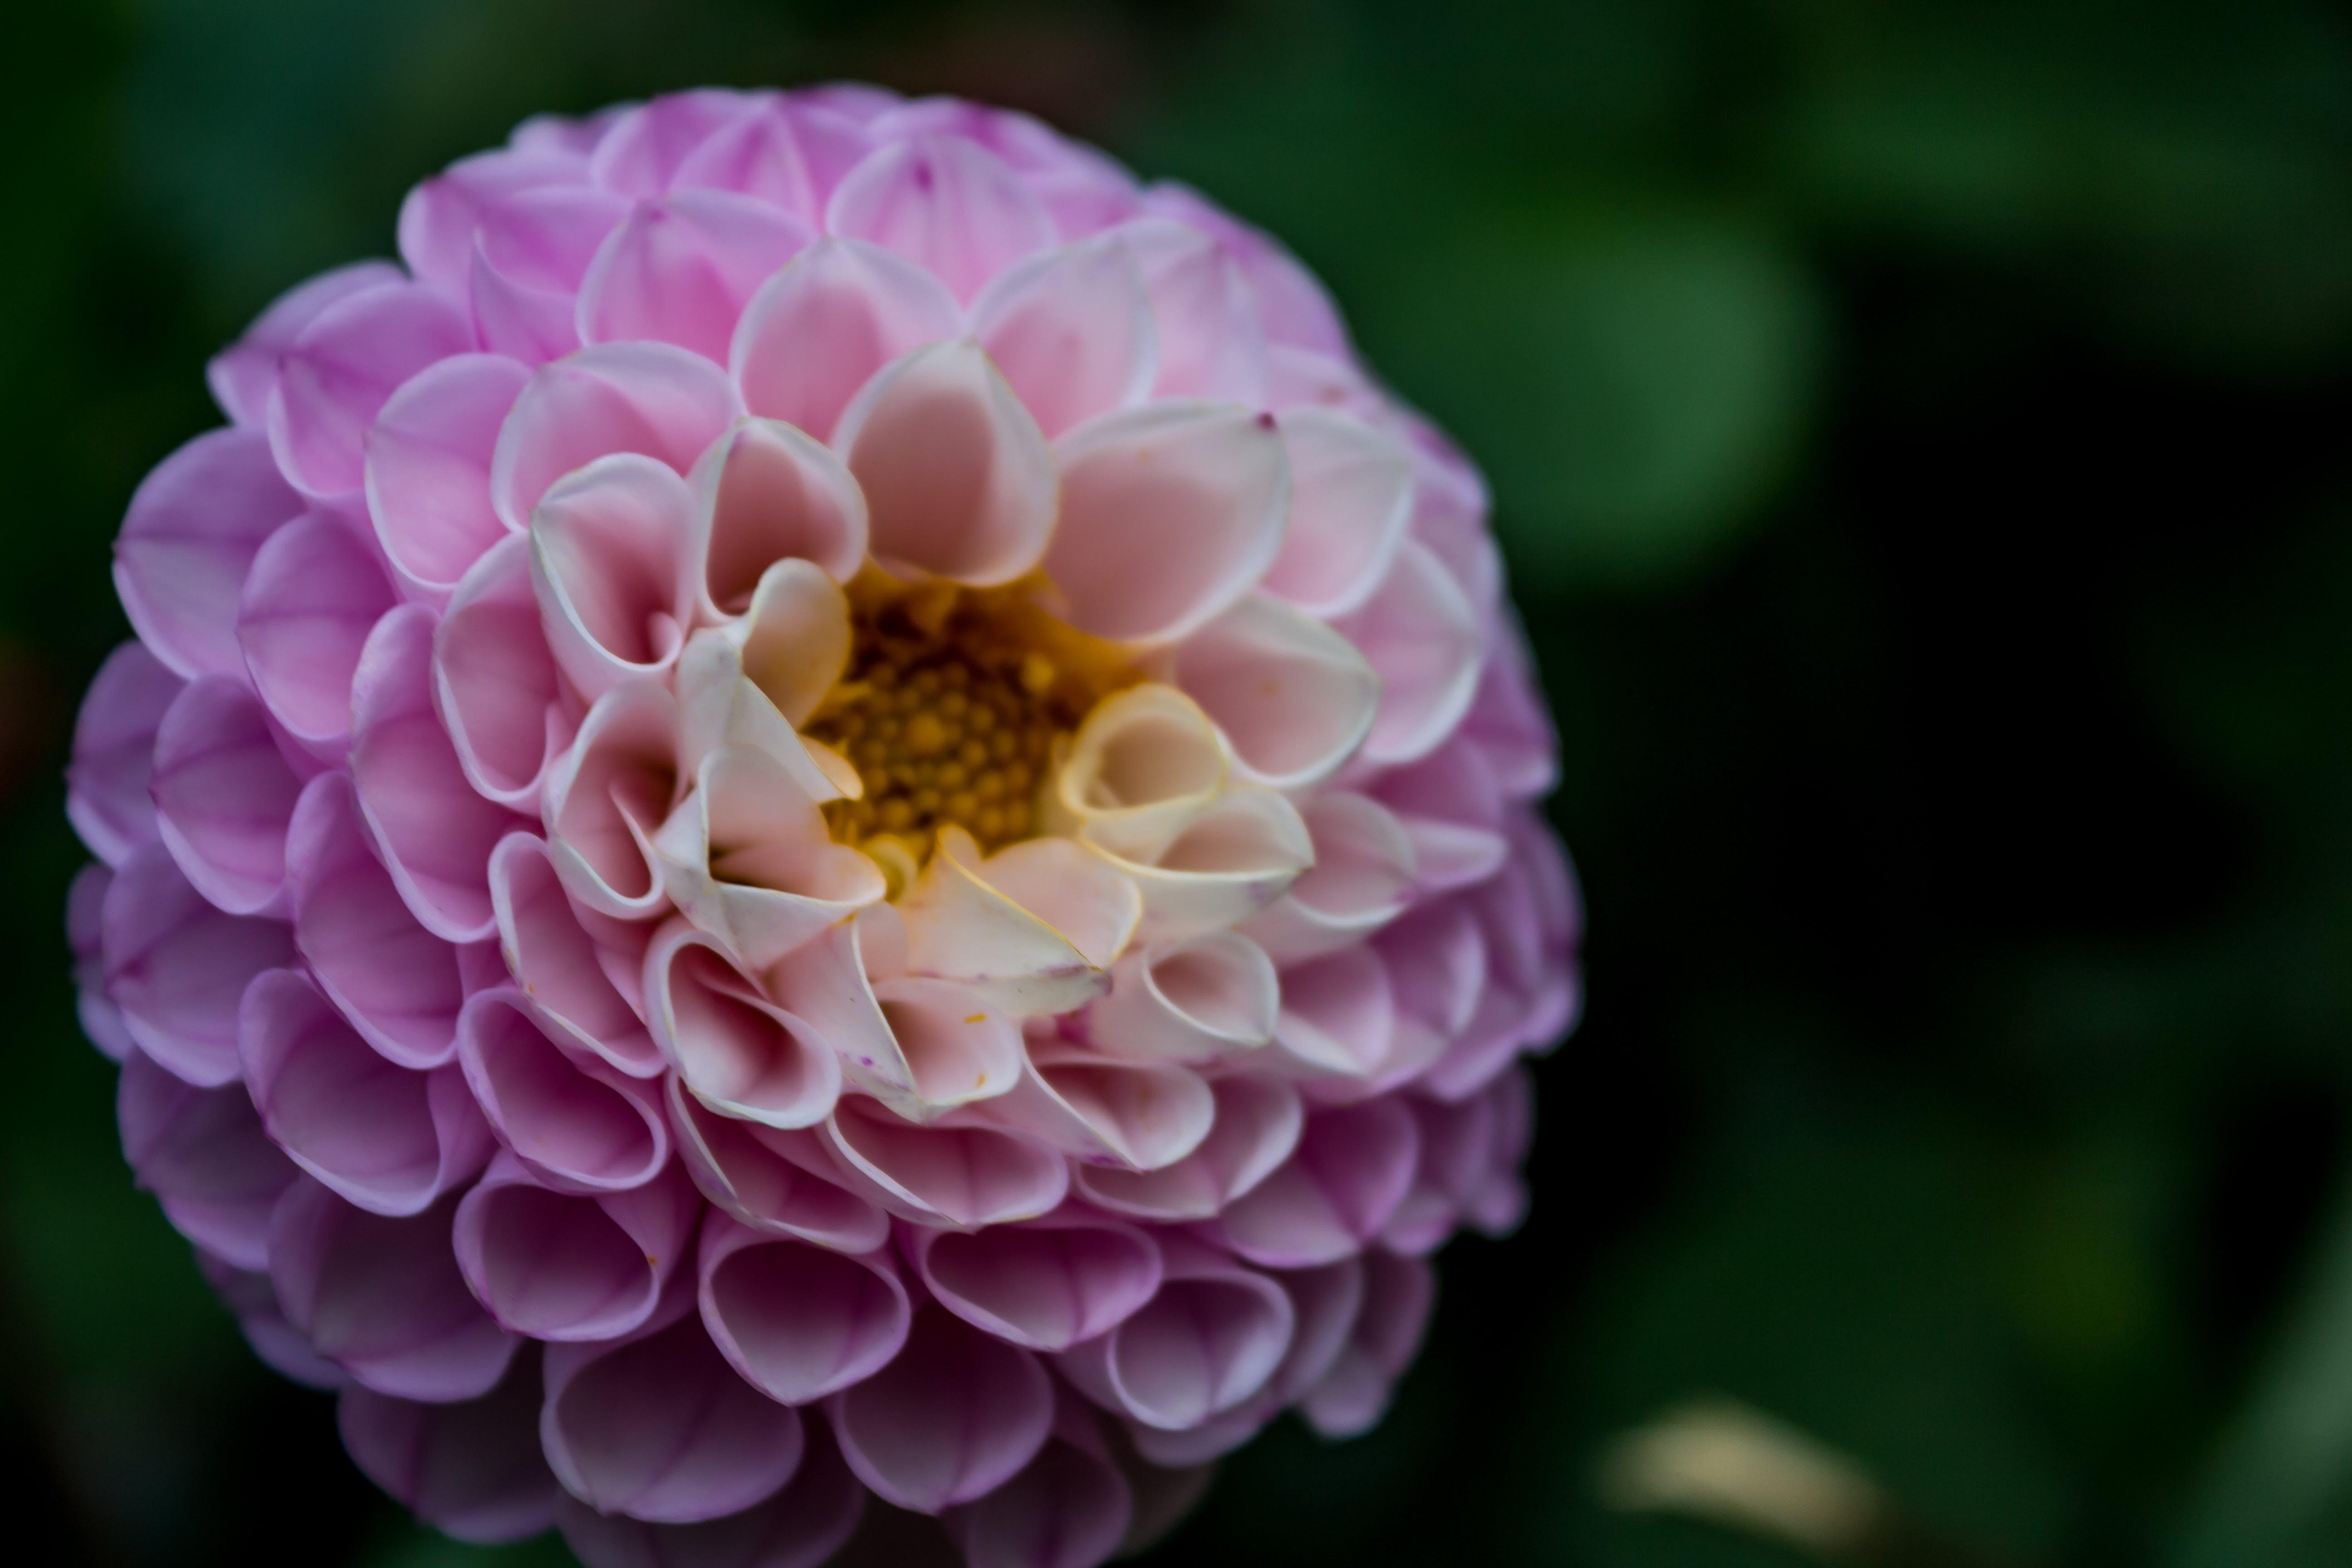 Kostenloses Stock Foto zu blume, blüte, blütenblätter, botanisch